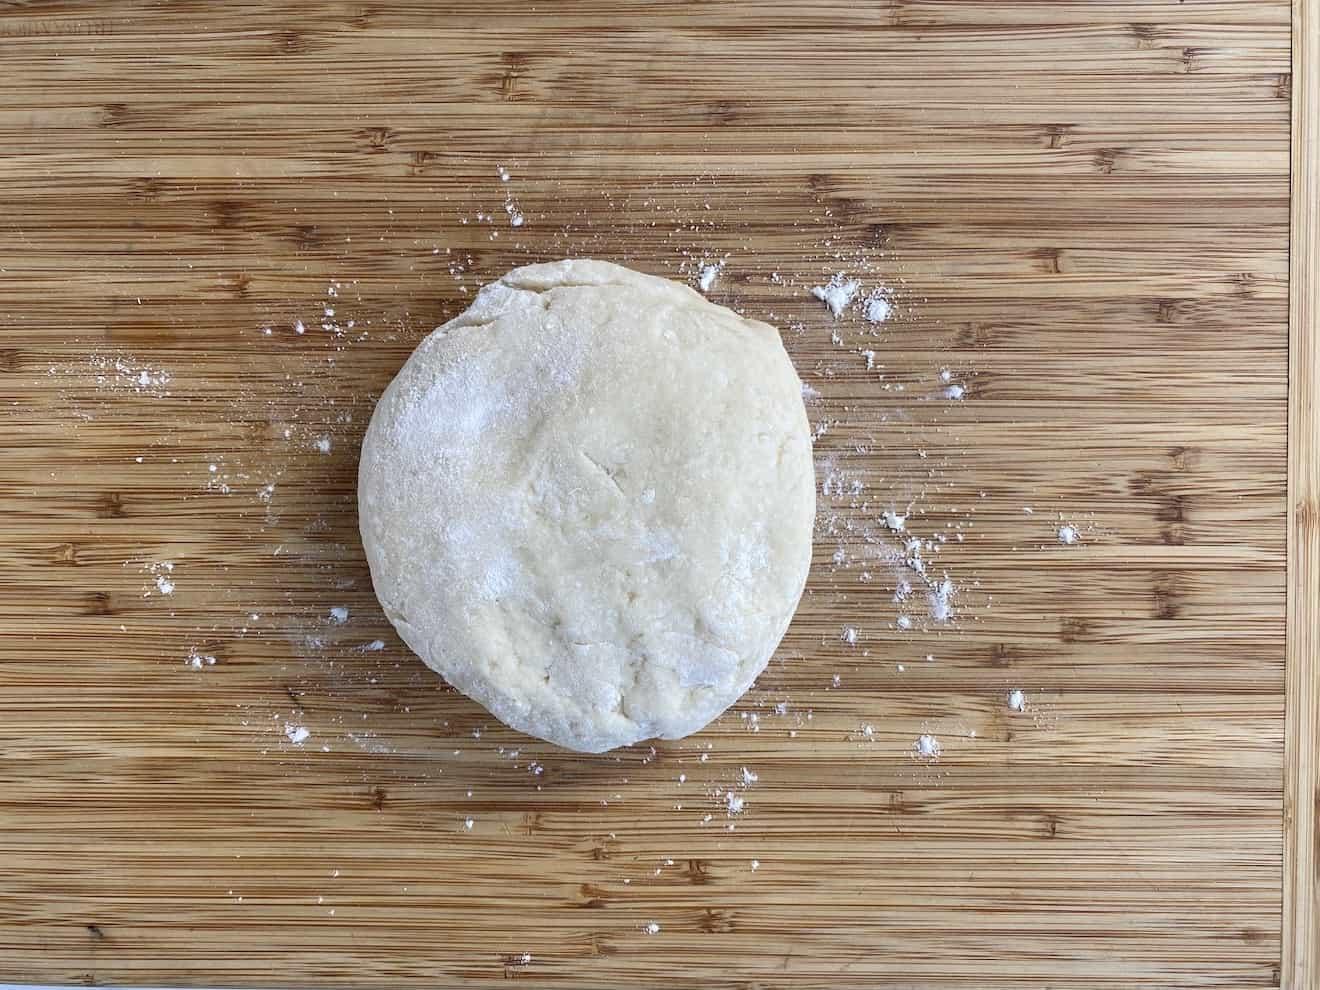 A ball of potato dough on a board